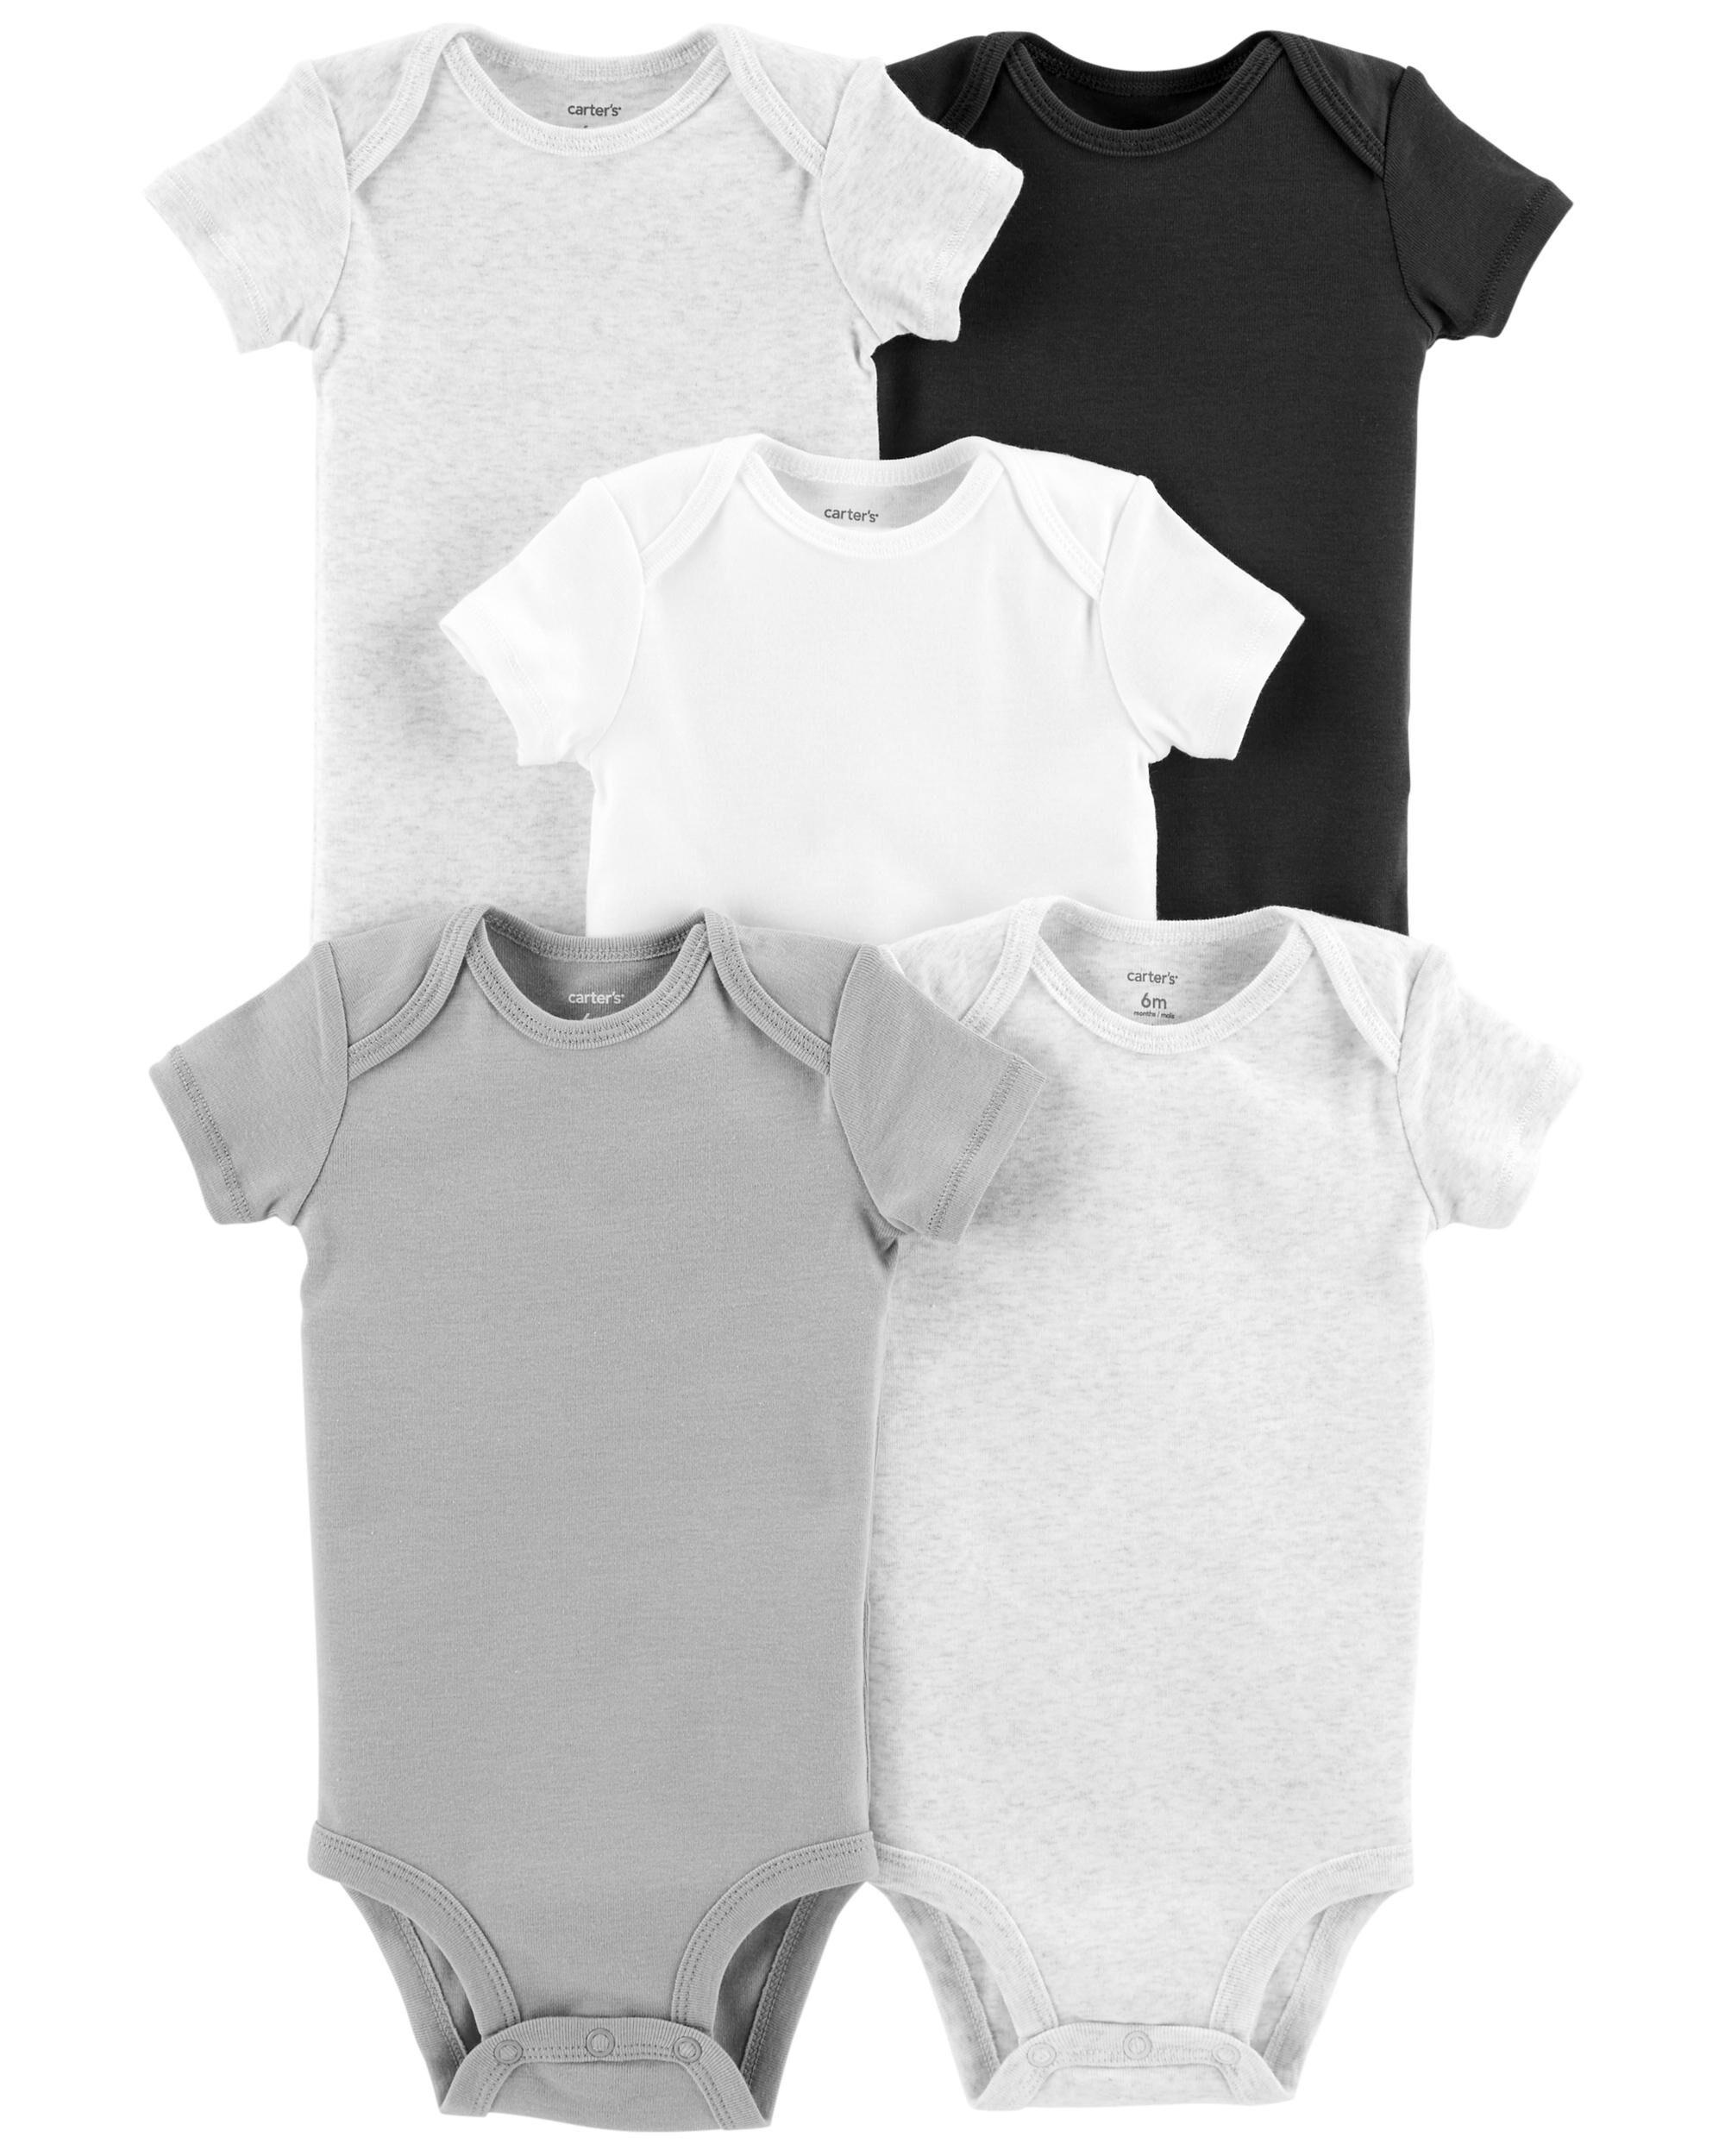 Preemie Carters Short Sleeve 5-pack Bodysuits